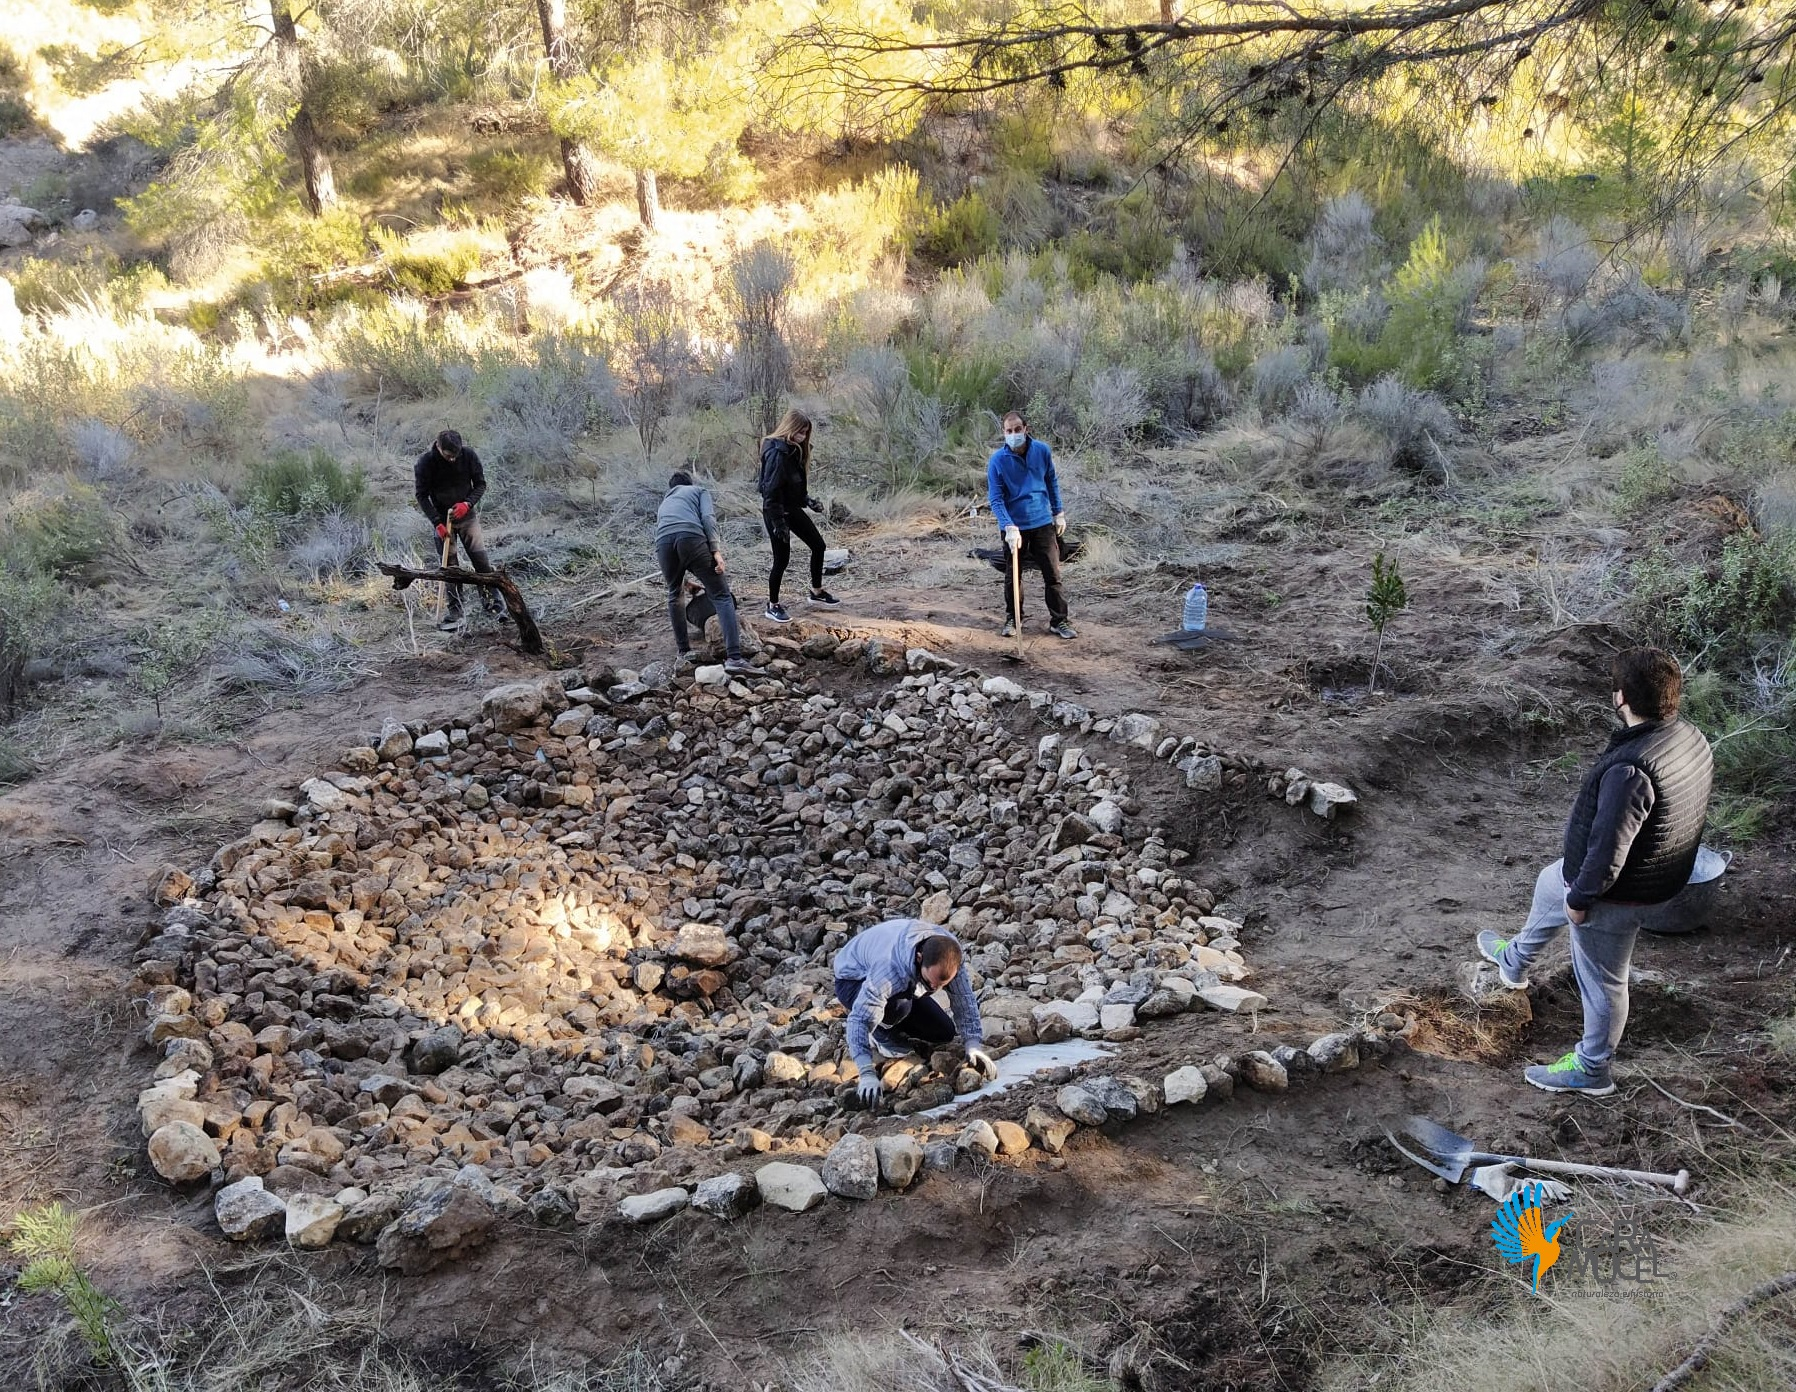 Los voluntarios, construyendo la charca. Imagen: Caramucel